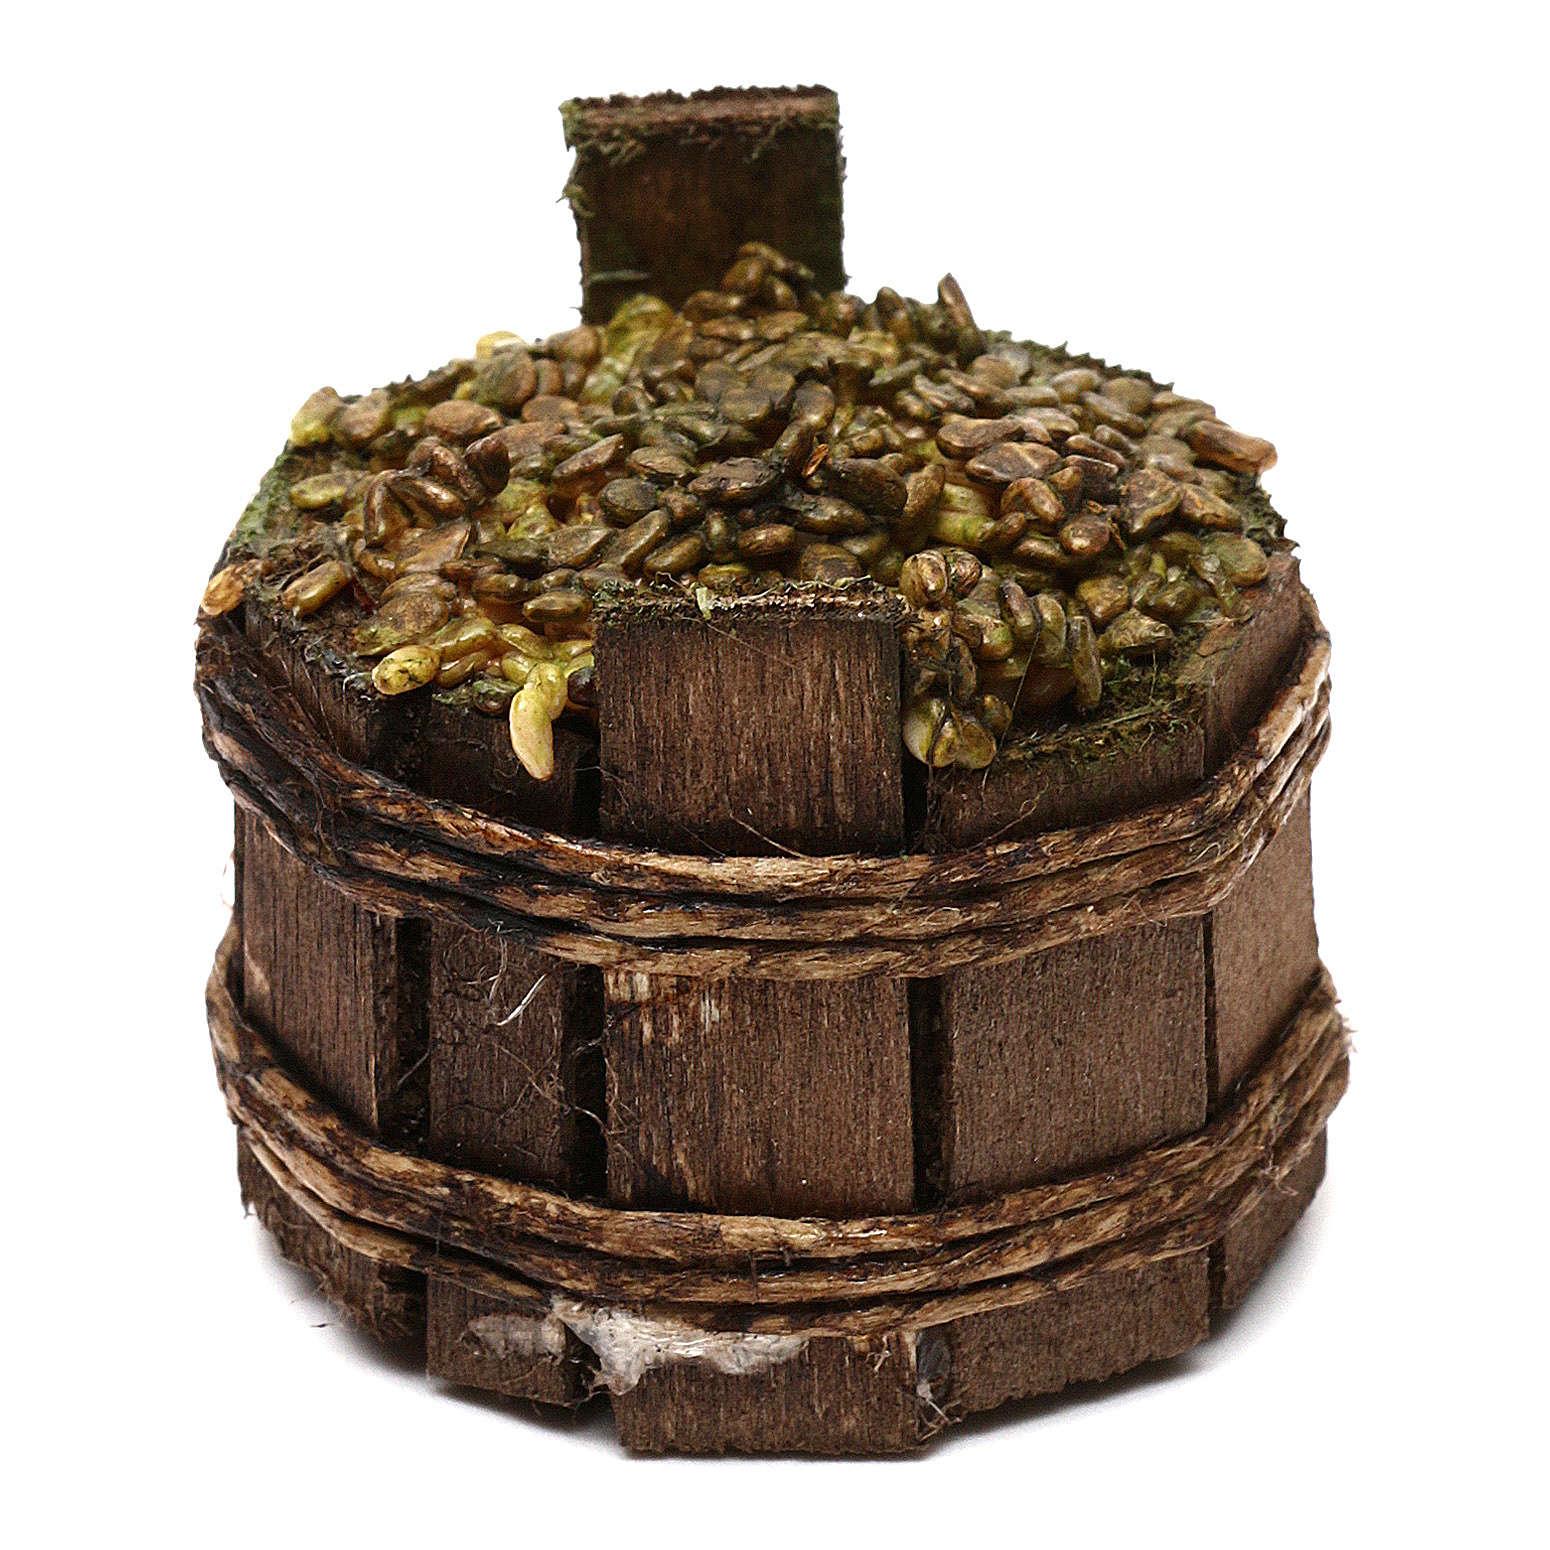 Décor crèche napolitaine, baquet ronde raisin 4